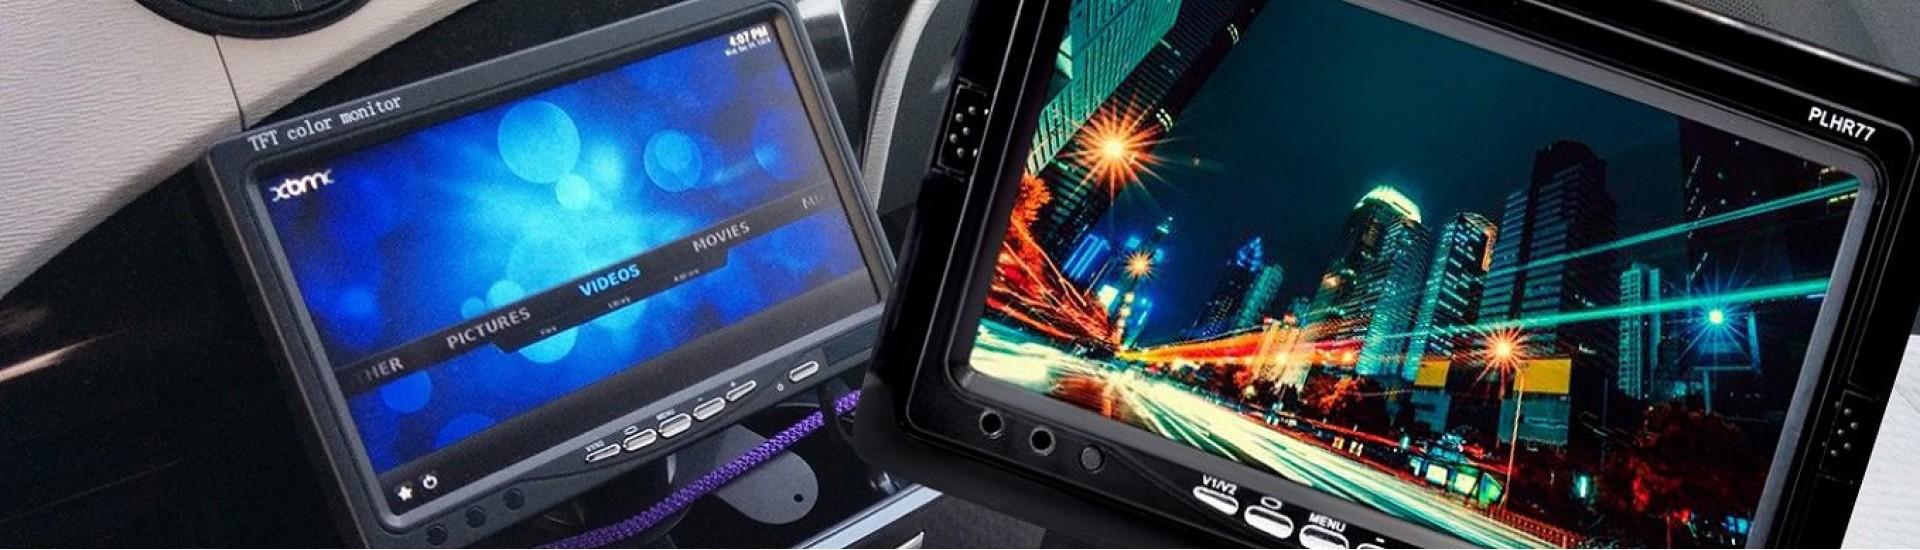 مانیتور و تلویزیون ، multimedia monitors